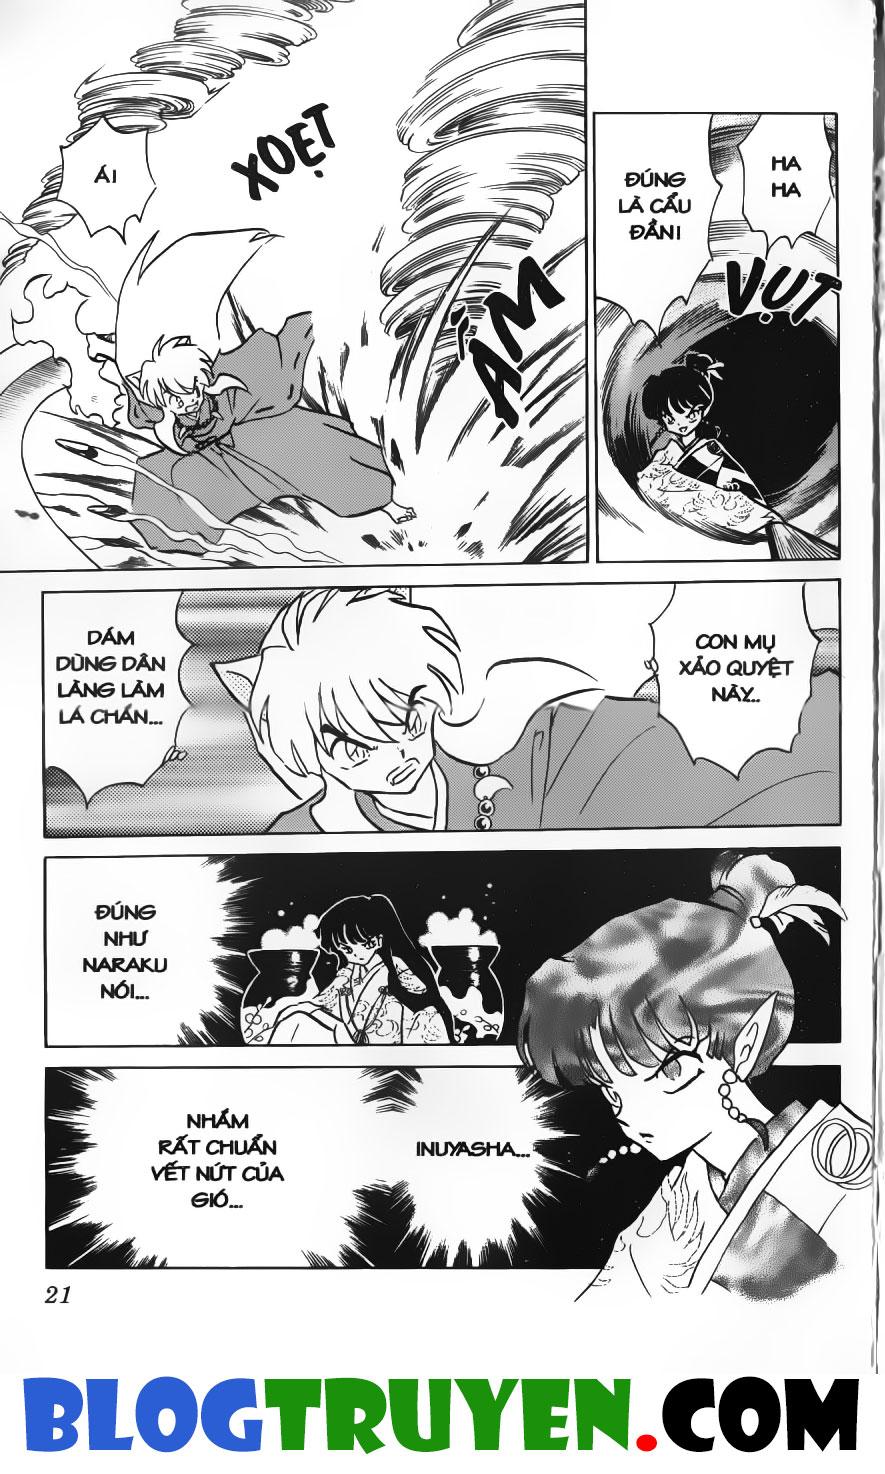 Inuyasha vol 16.1 trang 20